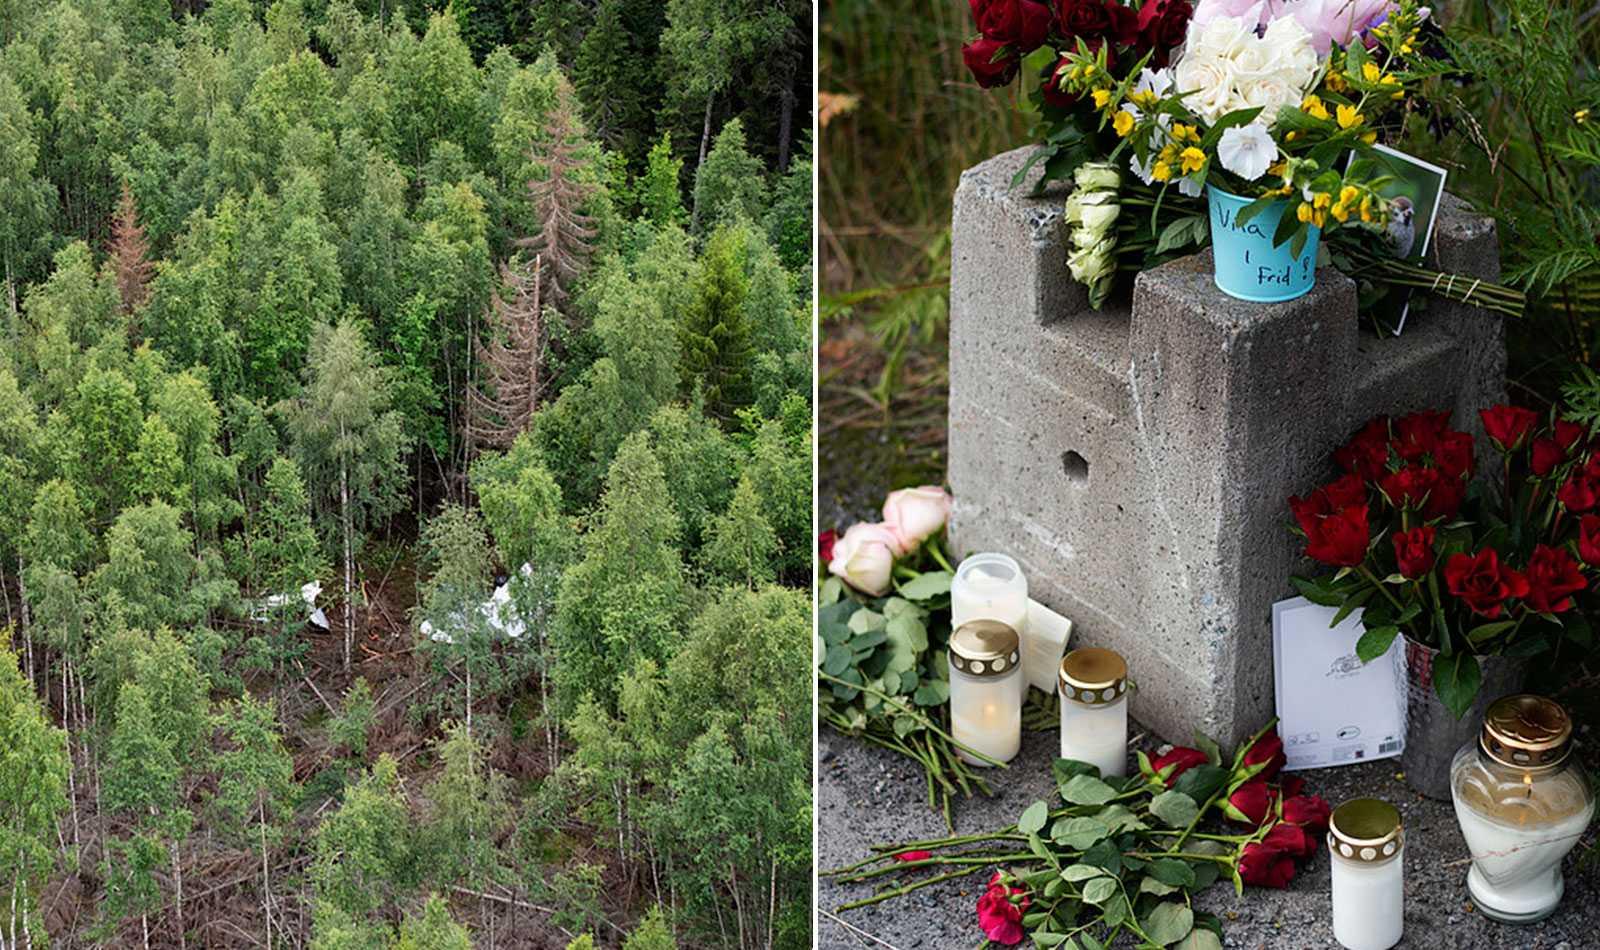 Preliminär rapport om flygolyckan i Umeå klar